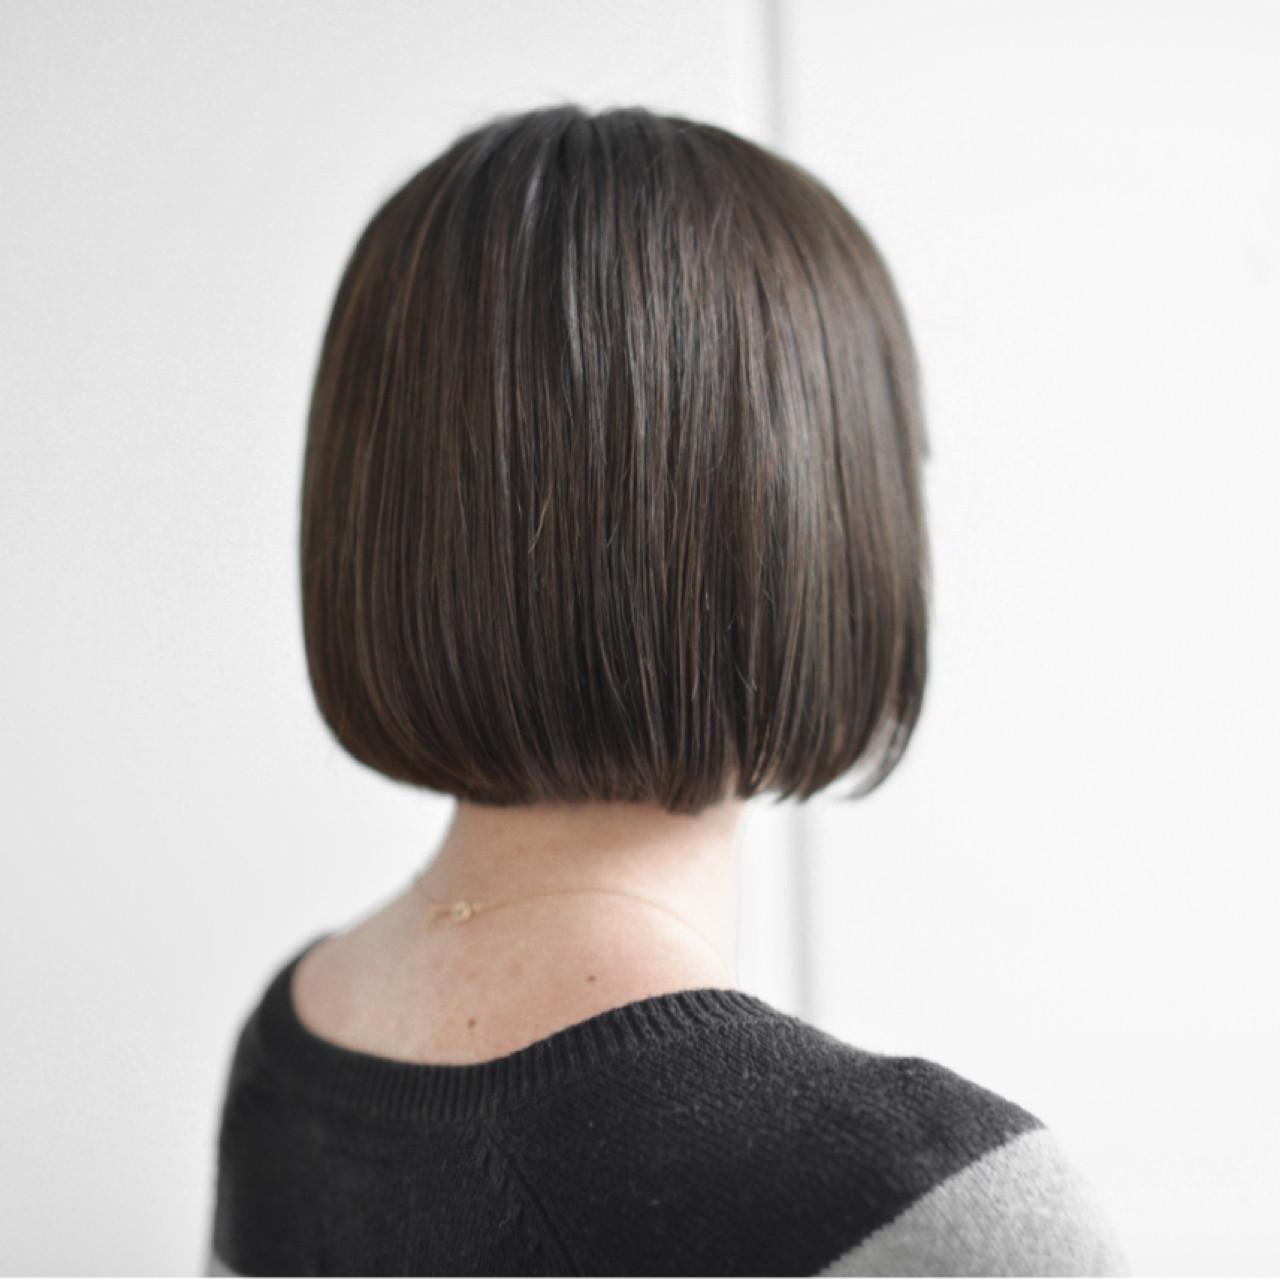 ボブ ニュアンス ミルクティー ナチュラル ヘアスタイルや髪型の写真・画像 | yuuta inoue/vicca 'ekolu / vicca 'ekolu